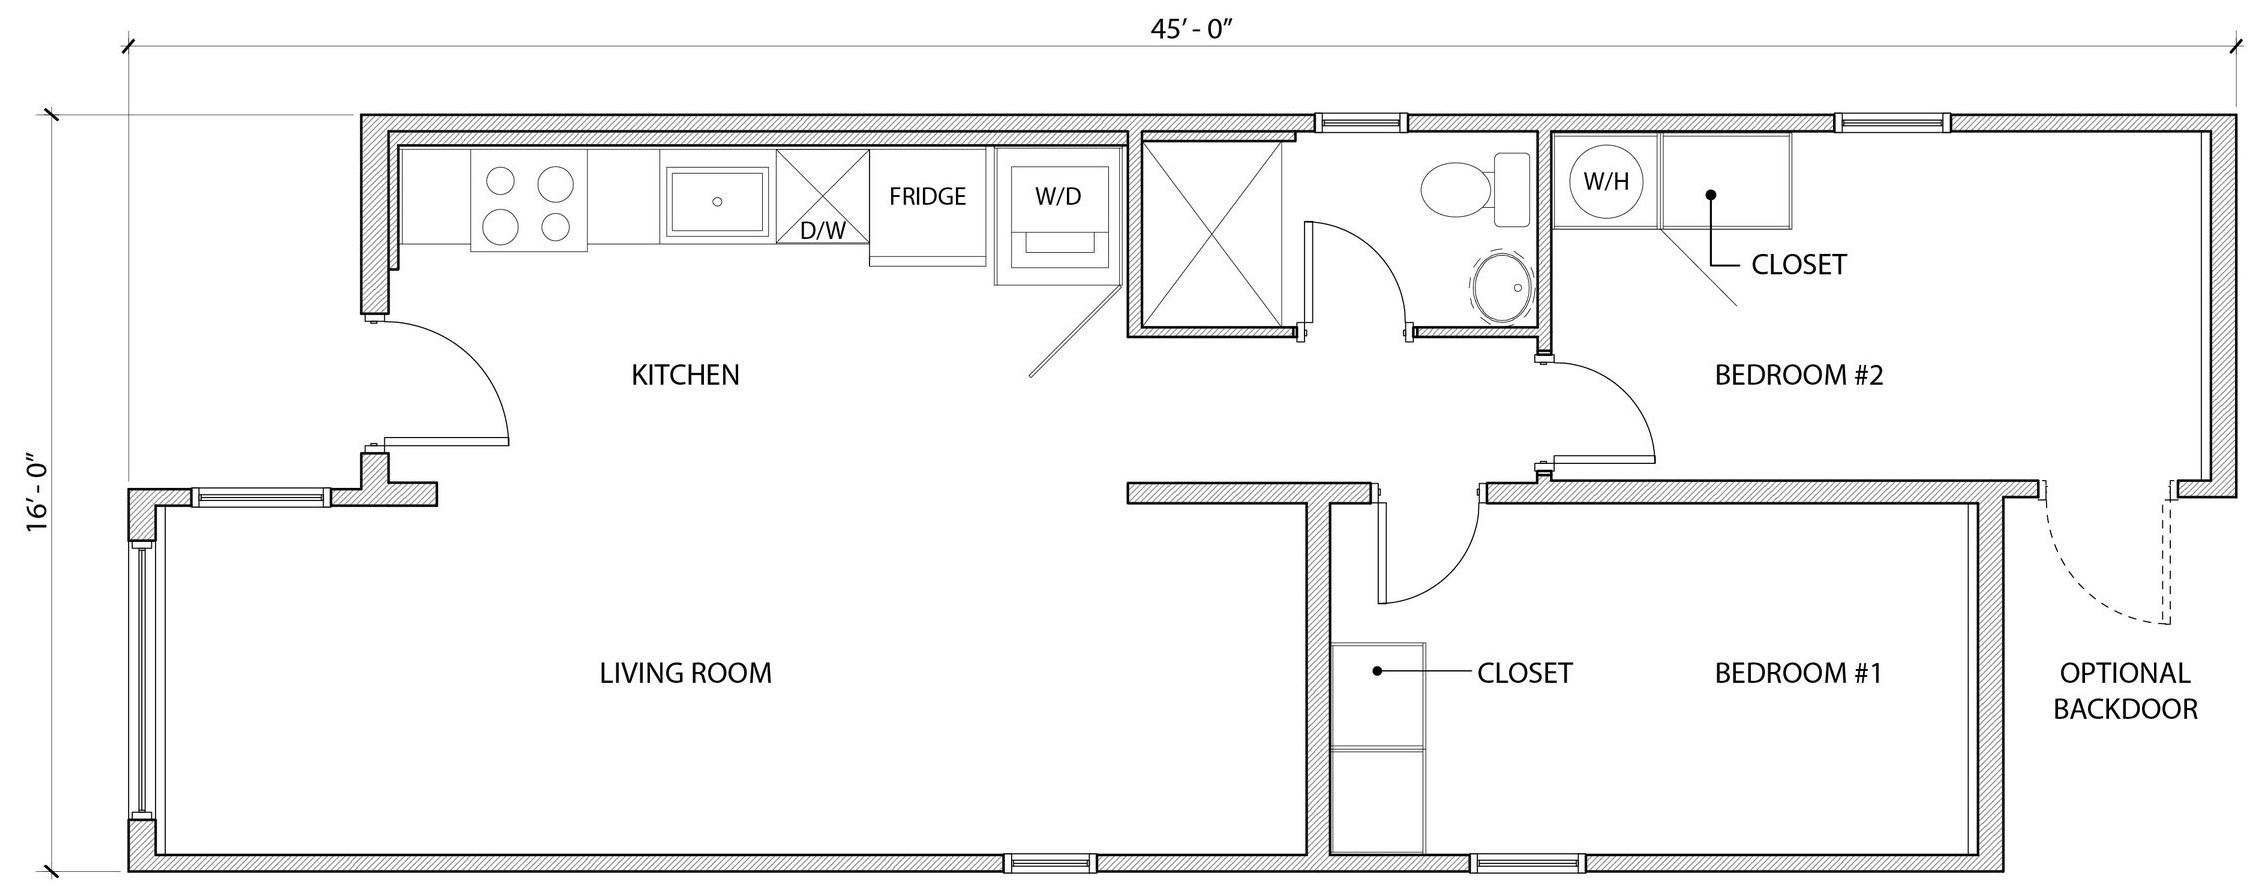 Plan+M6.jpg